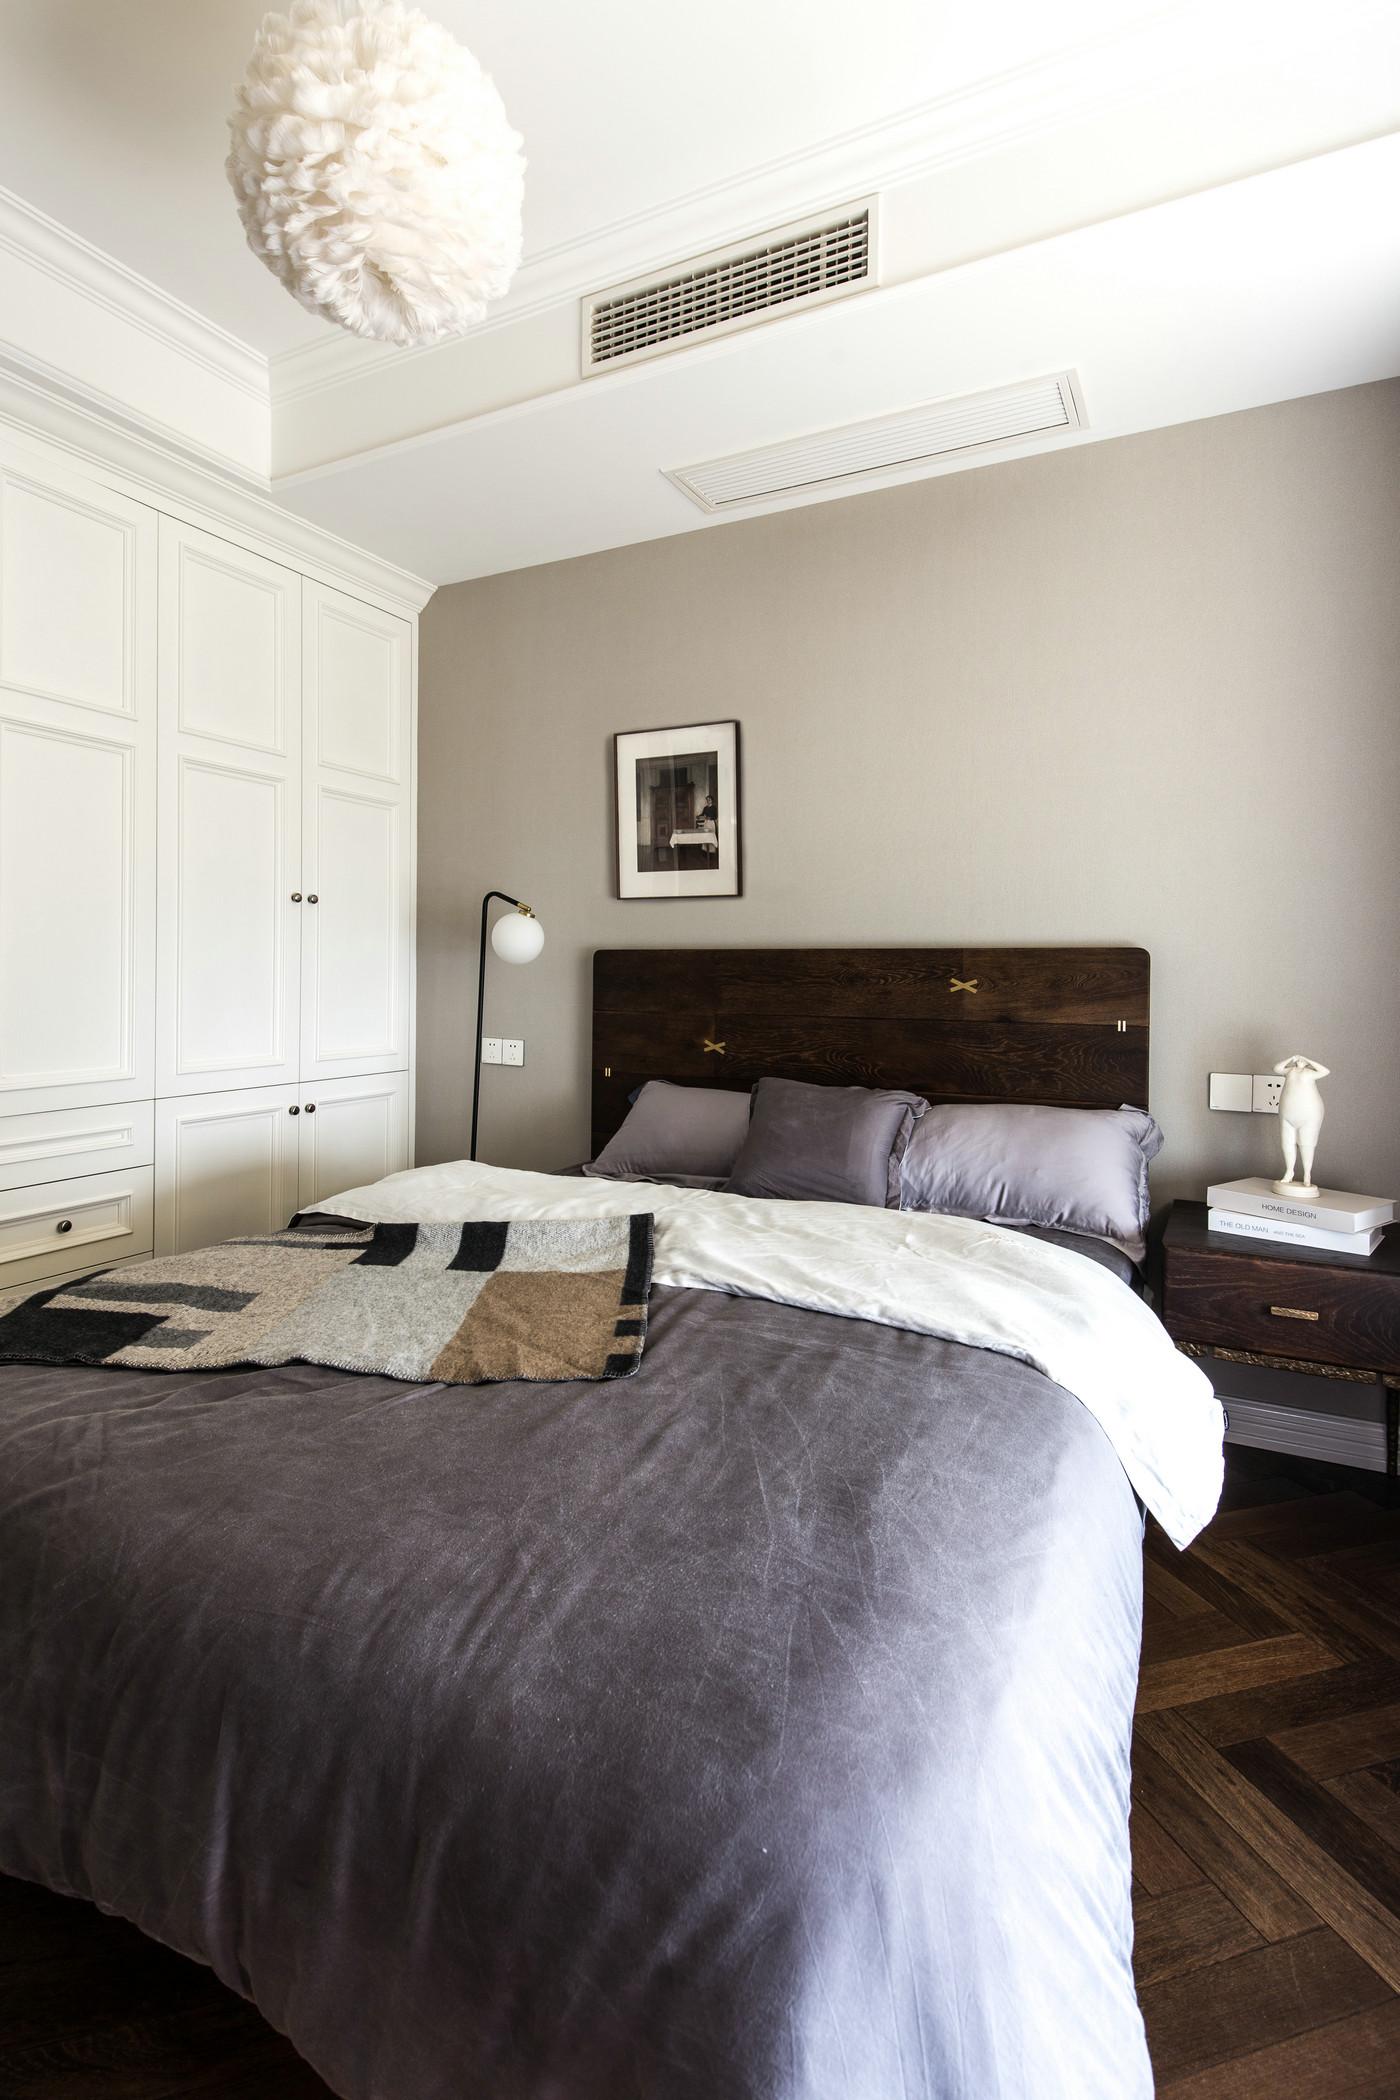 侧卧配色优雅,浅色背景中增添紫色床饰品,雅致、古朴的视觉效果油然而生。